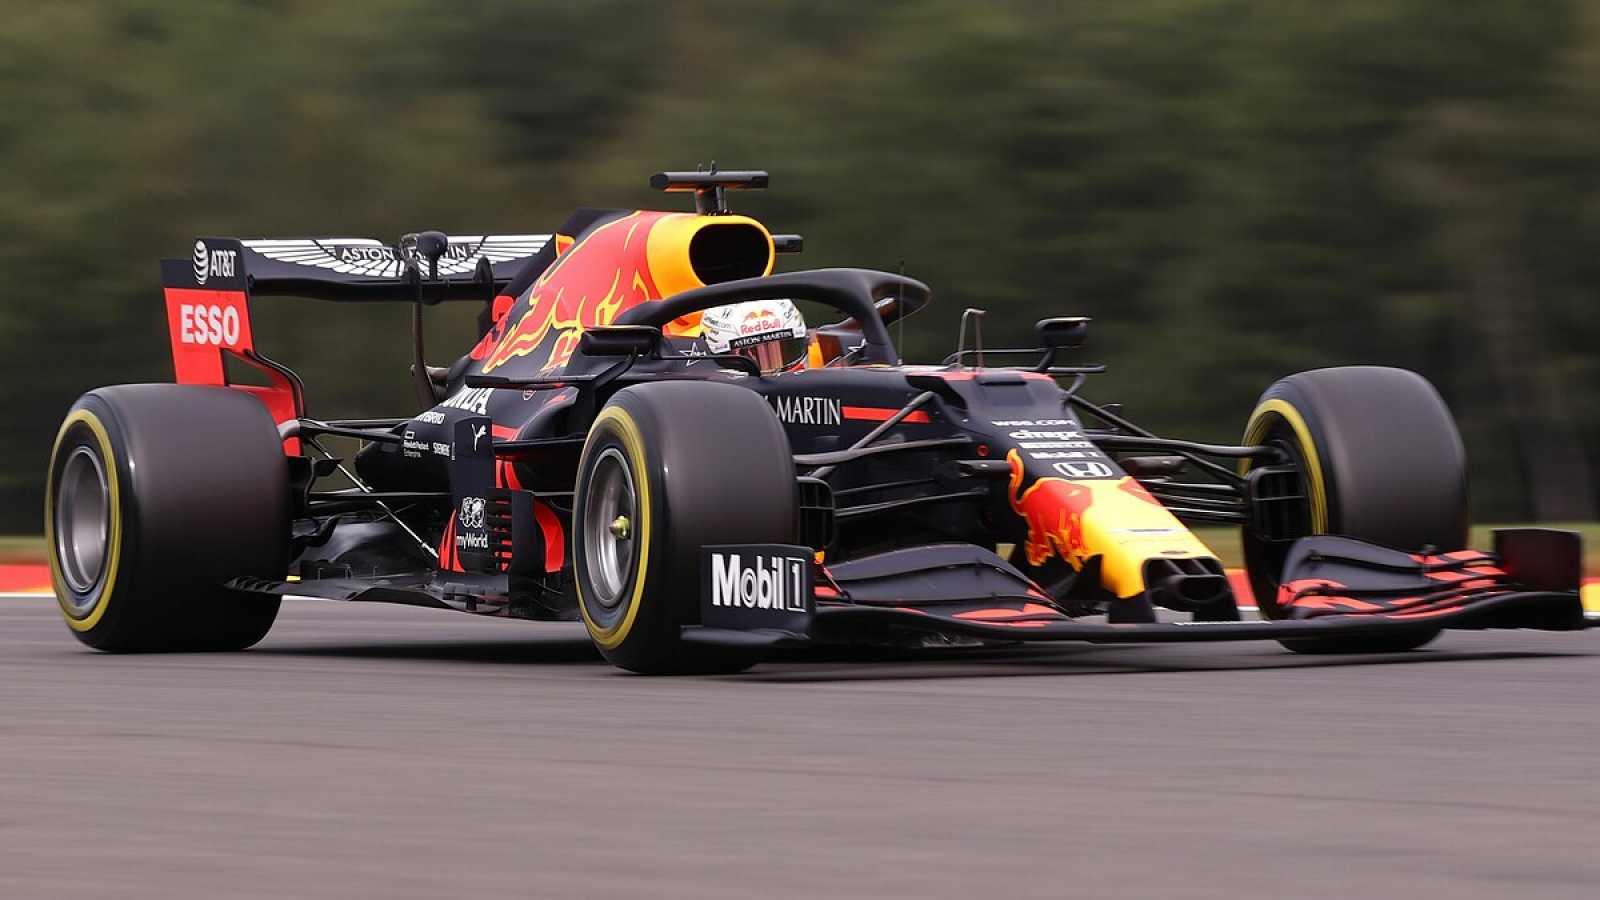 Imagen: Max Verstappen, el mejor en los primeros libres en Spa